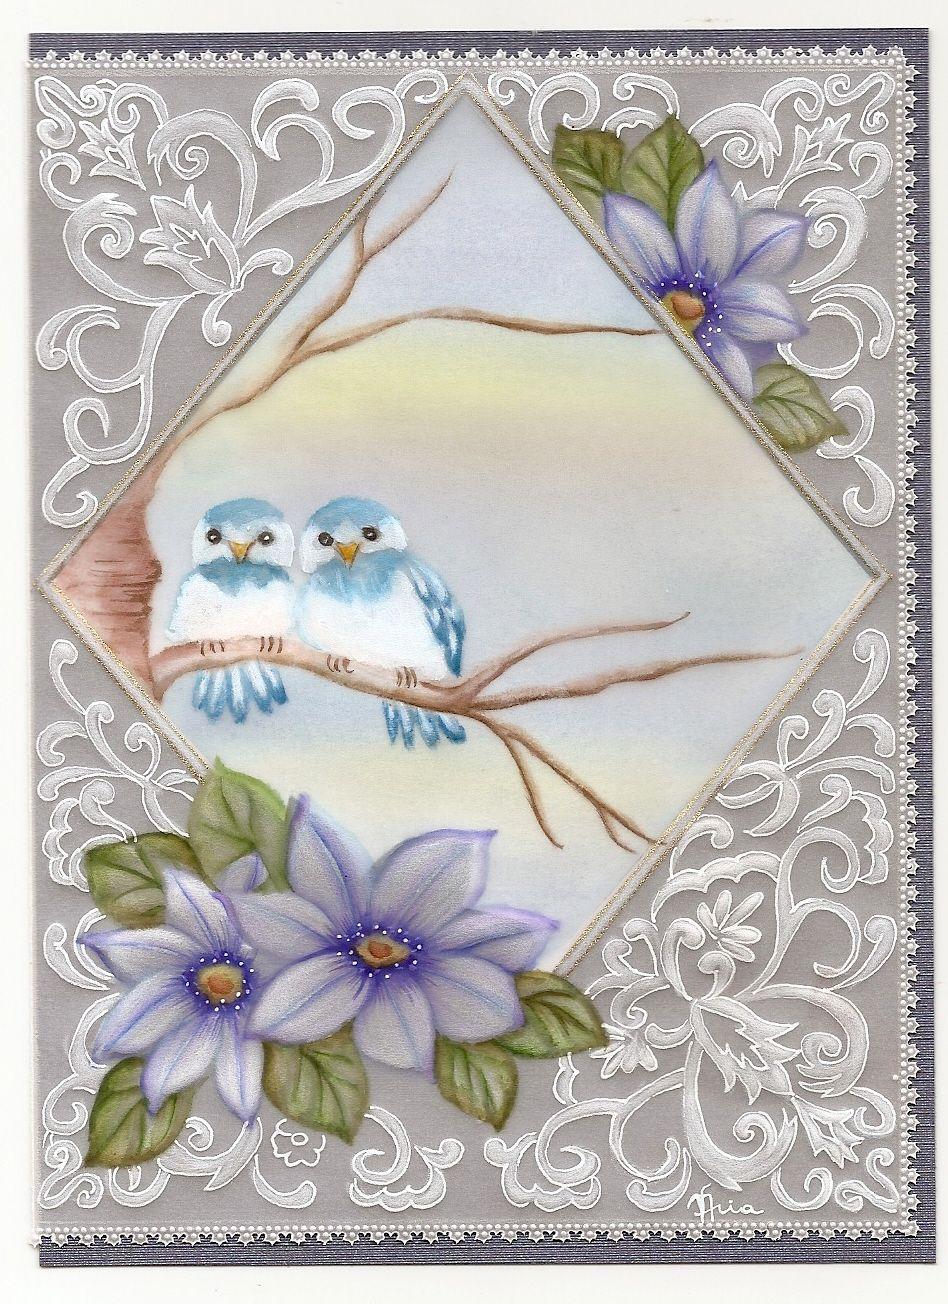 vogeltjes.jpg (948×1304)